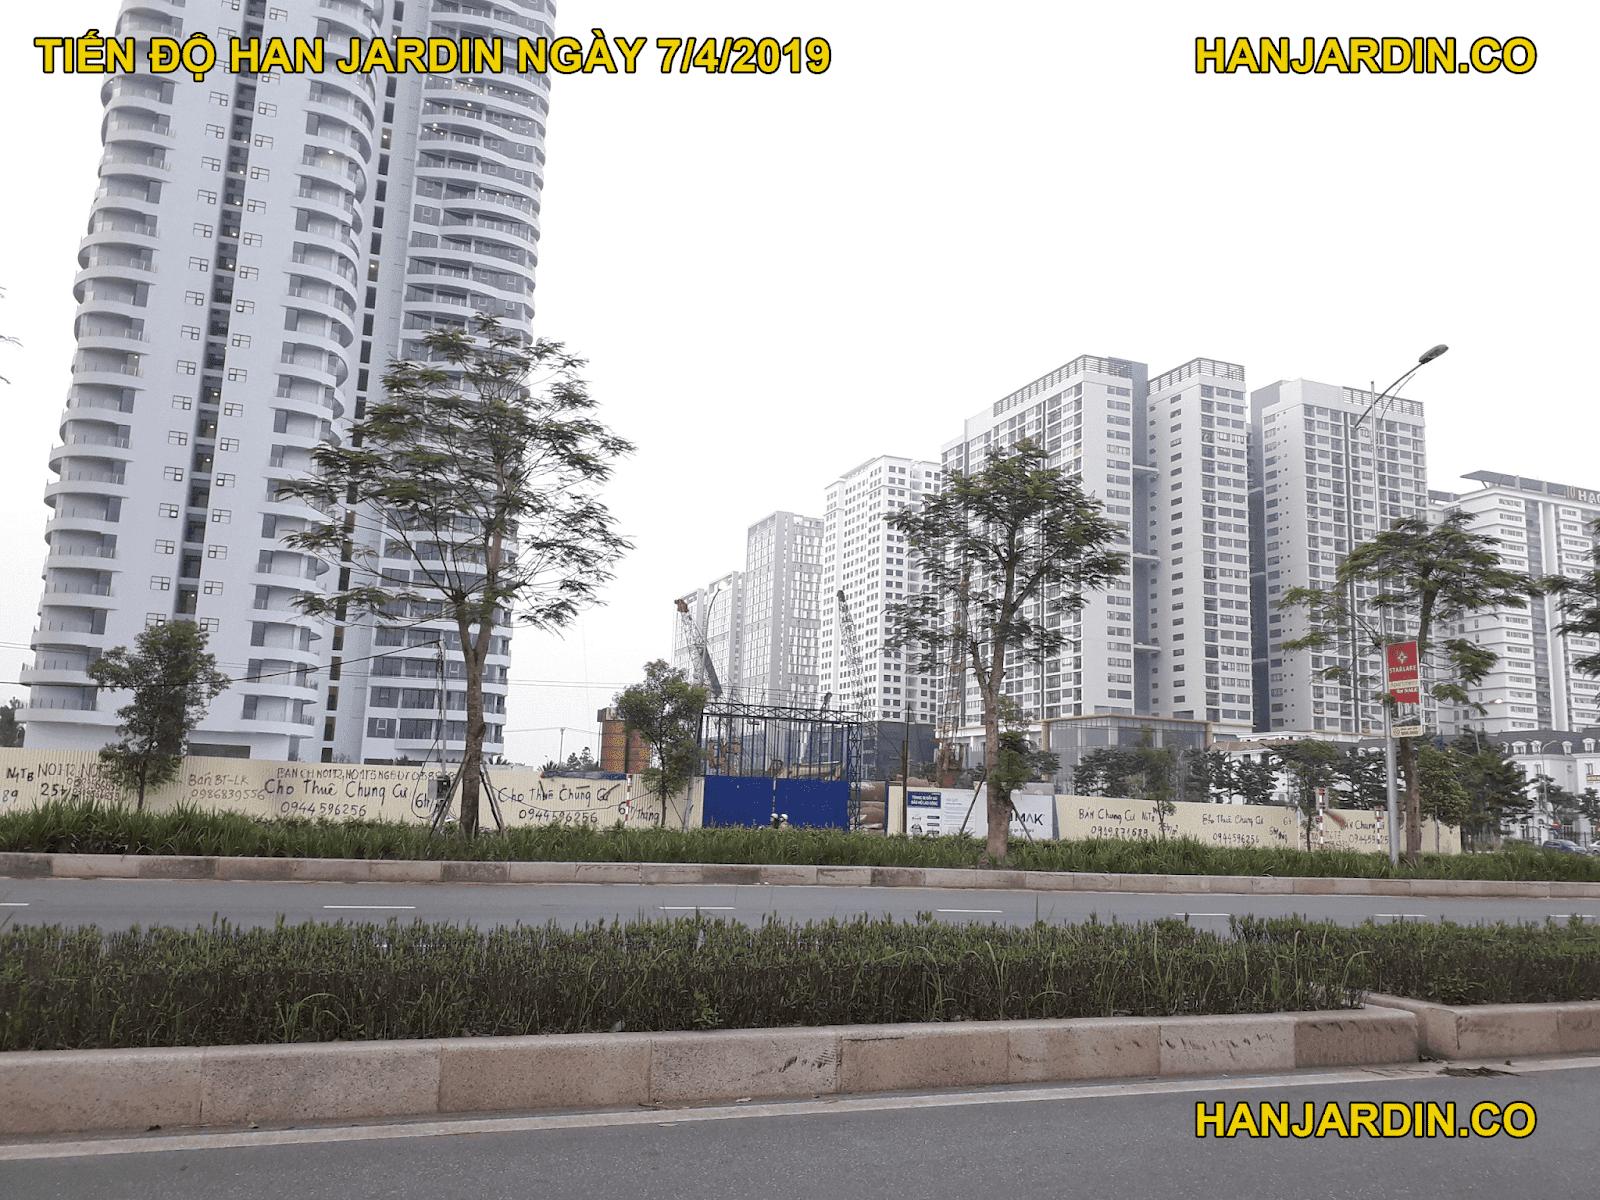 Tiến độ dự án Han Jardin Ngoại Giao Đoàn tháng 4 năm 2019.